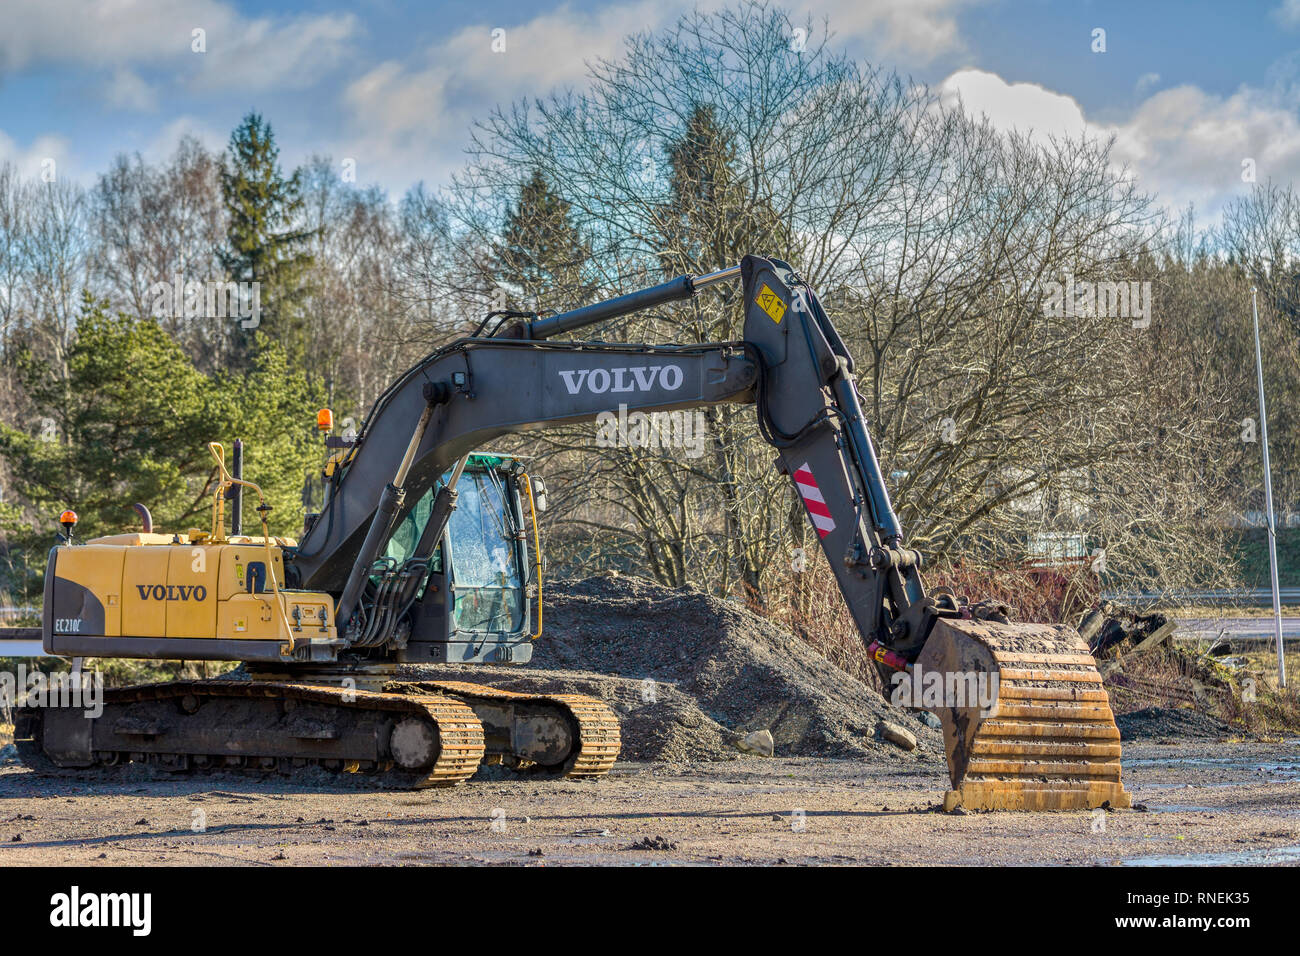 Volvo Excavator Stock Photos Volvo Excavator Stock Images Alamy